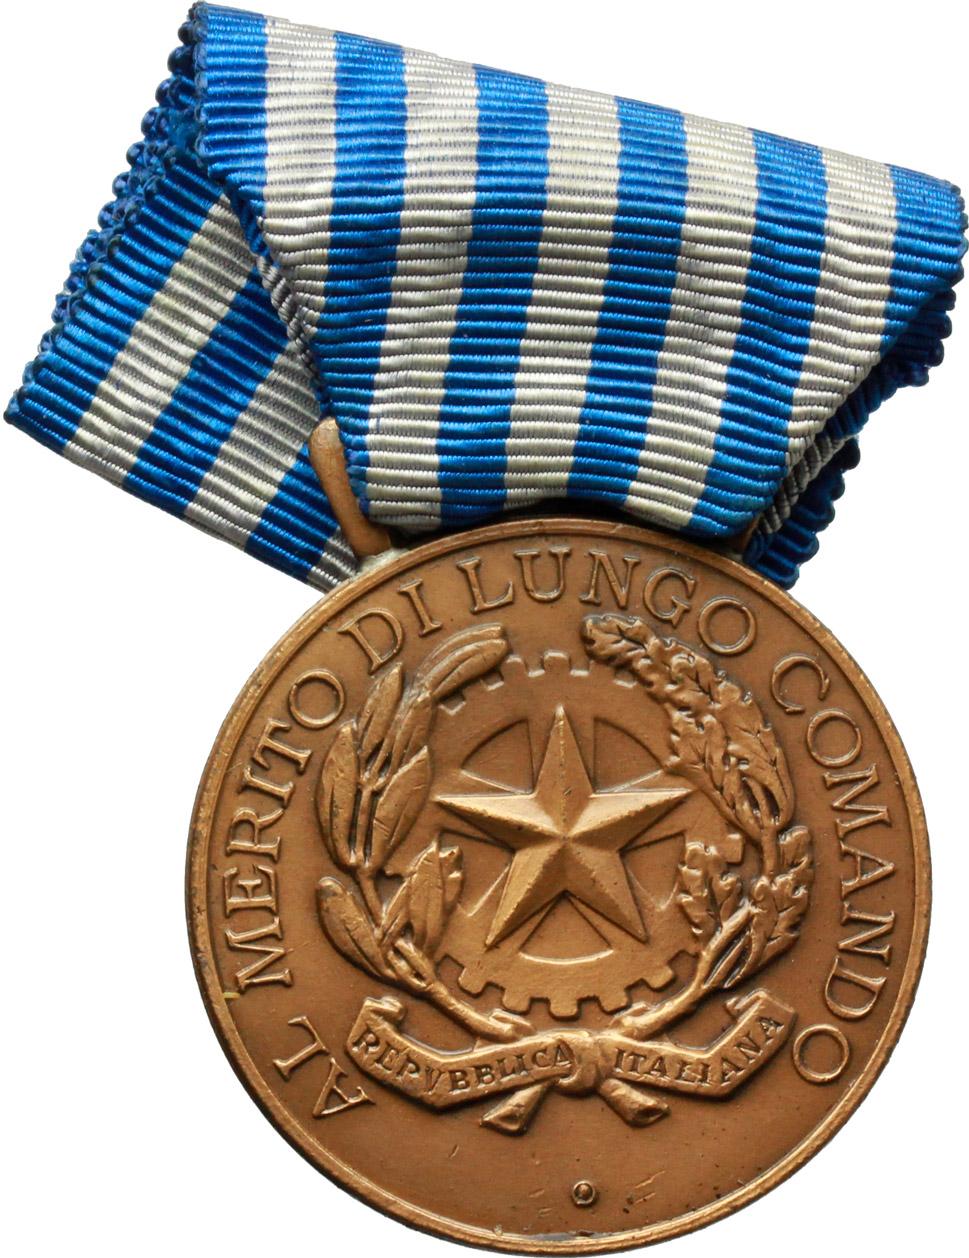 R/  Medaglia con nastrino Repubblica Italiana. Al Merito di lungo comando nella Guardia di Finanza (1954).    Brambilla p. 866. AE.   mm. 36.00    qSPL.